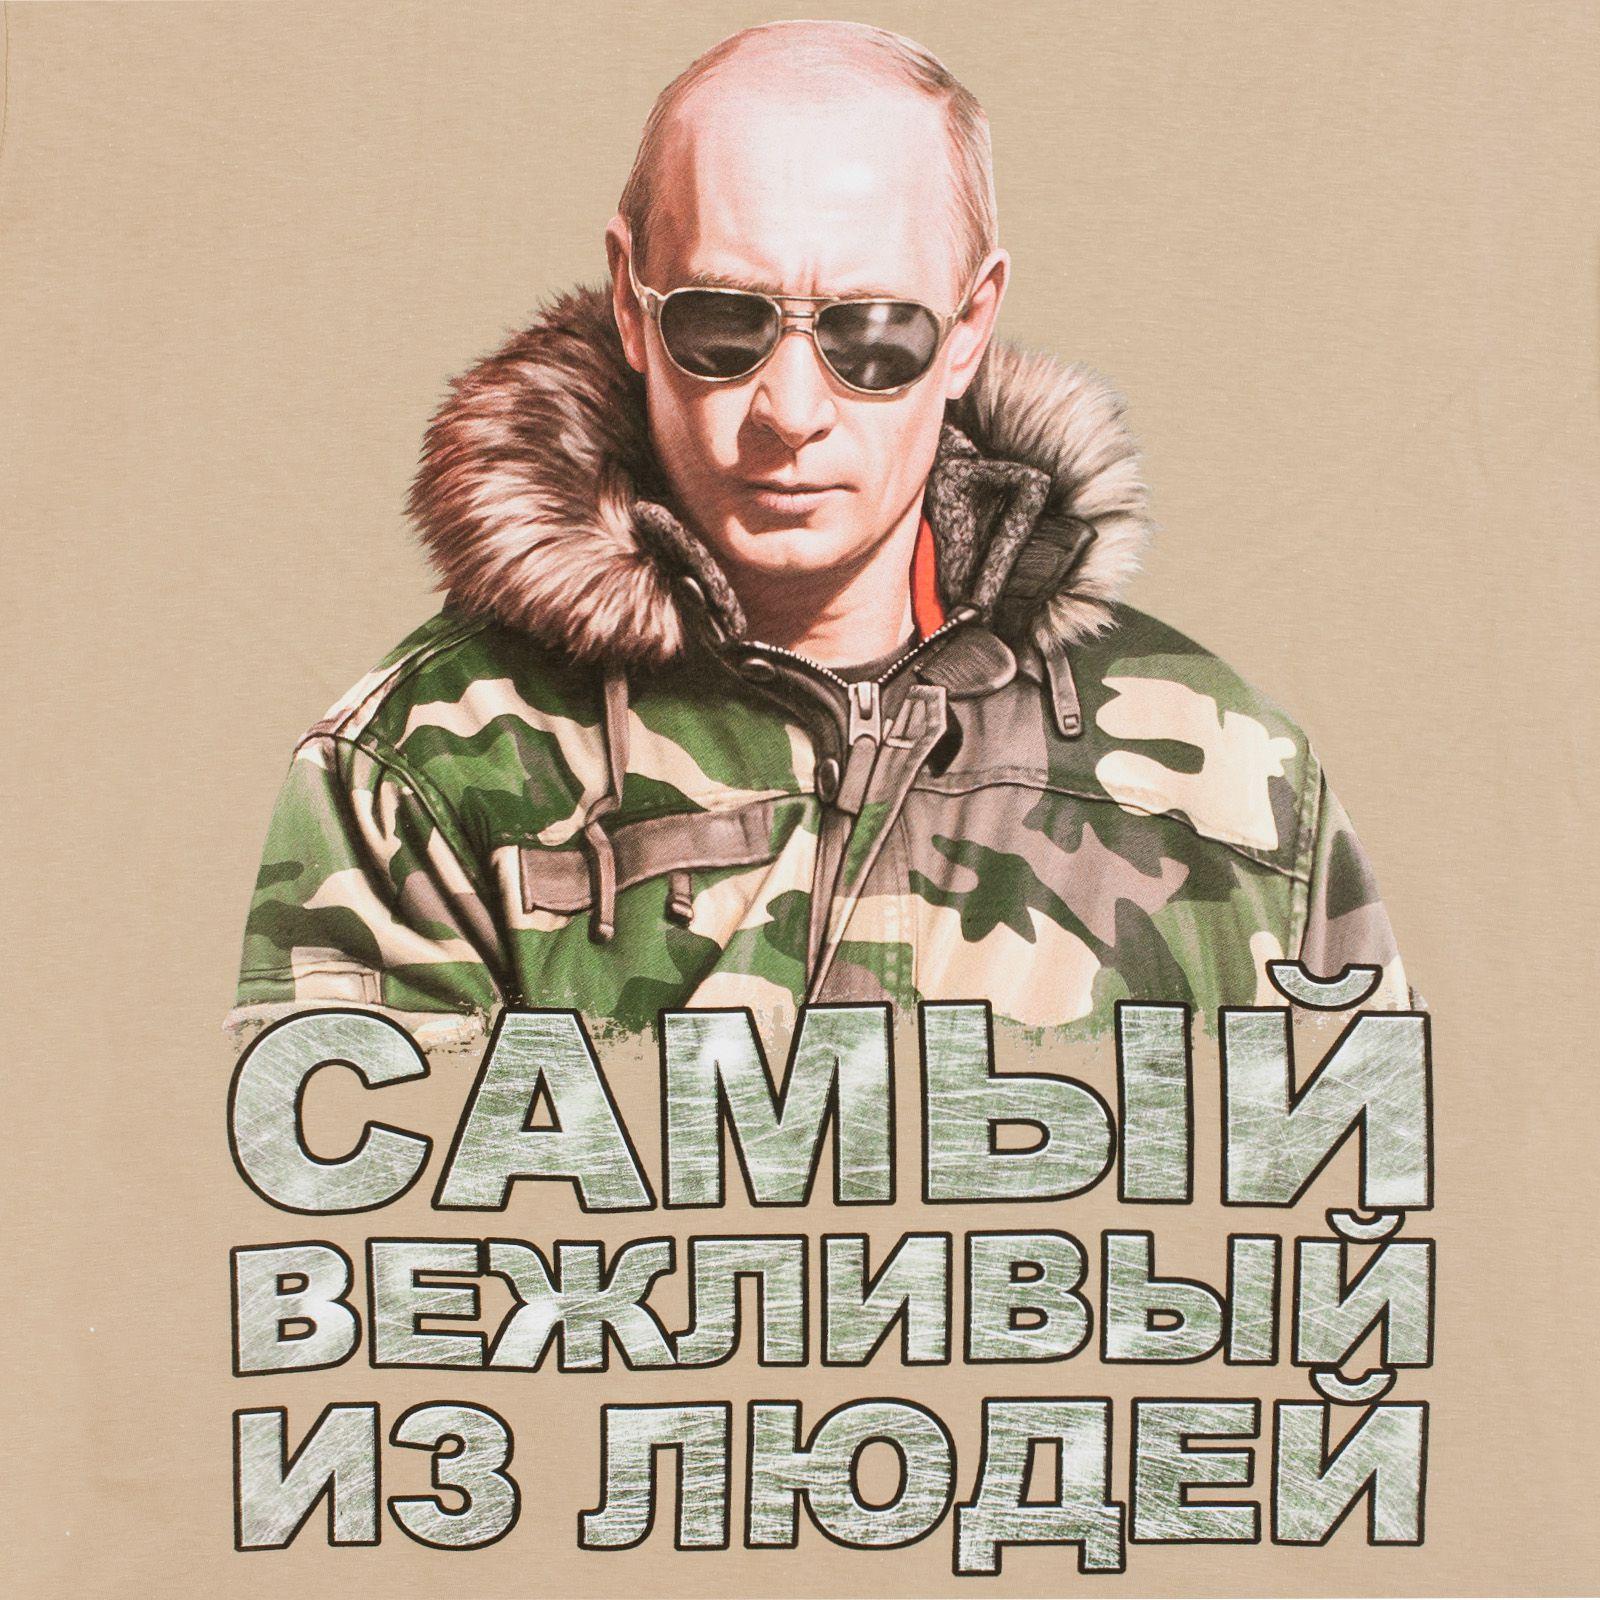 Футболка с Путиным - самый вежливый из людей - авторский принт